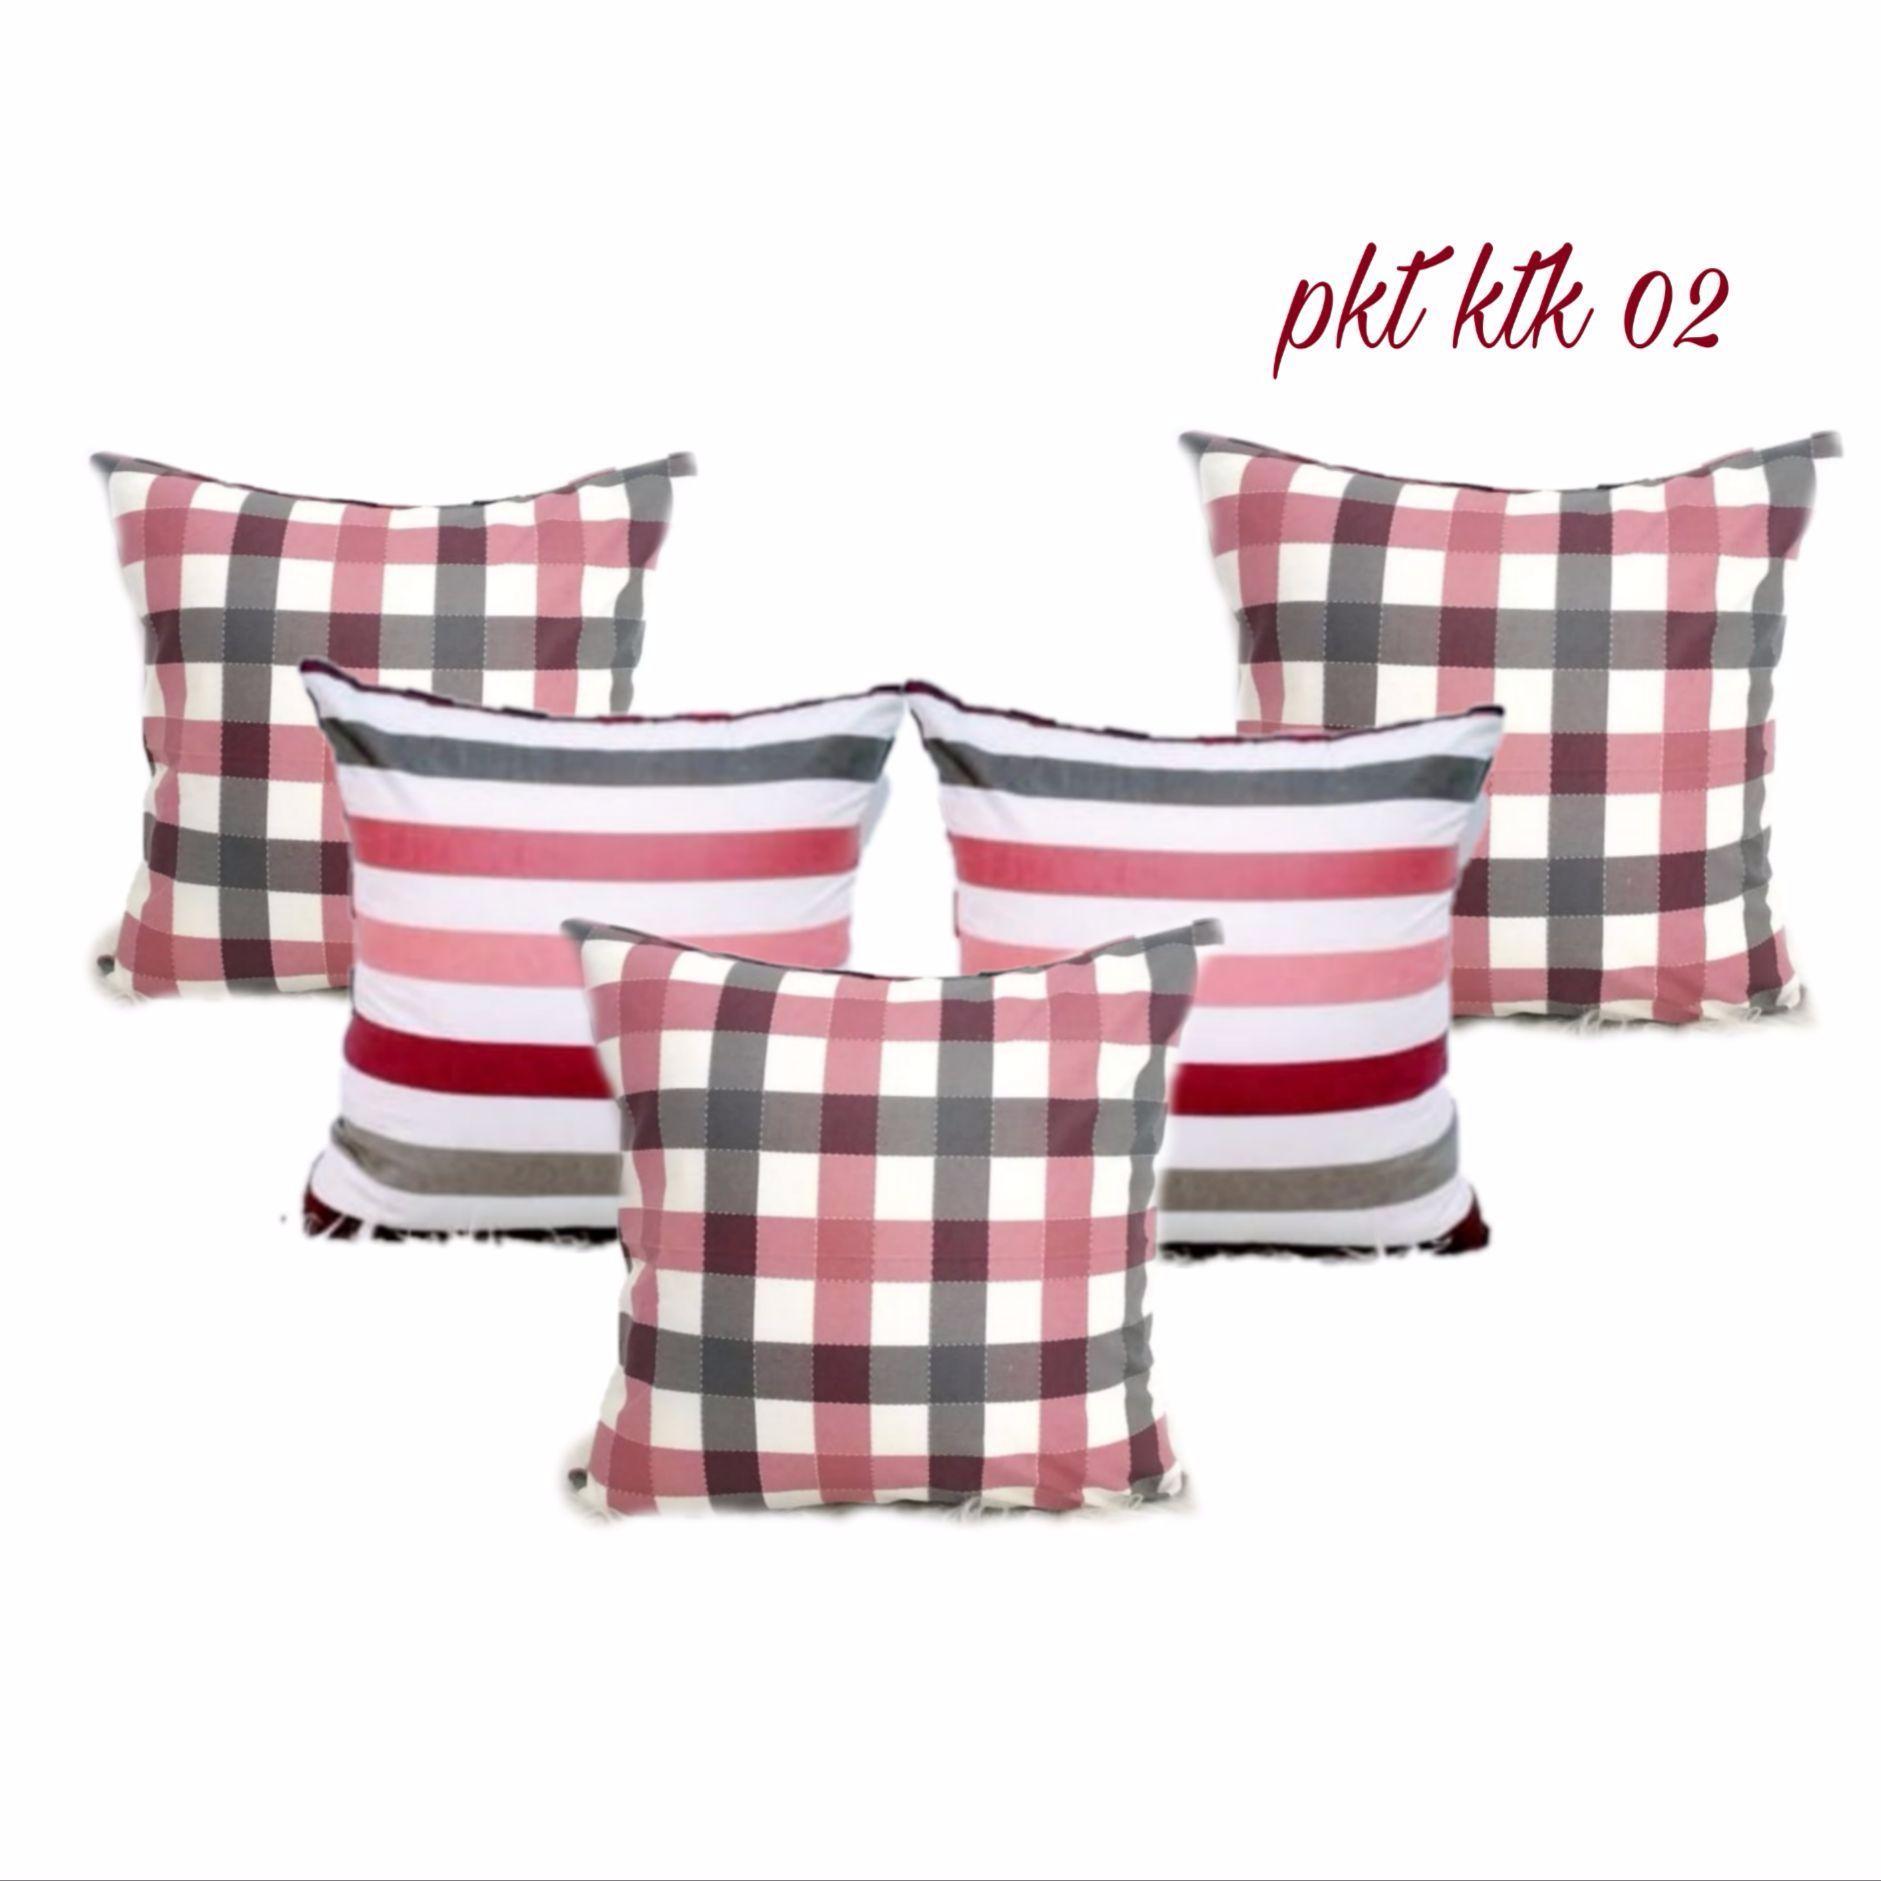 RAISASTORE- Sarung Bantal Sofa paket kotak 1 set = 5 Pcs ( size 40 x